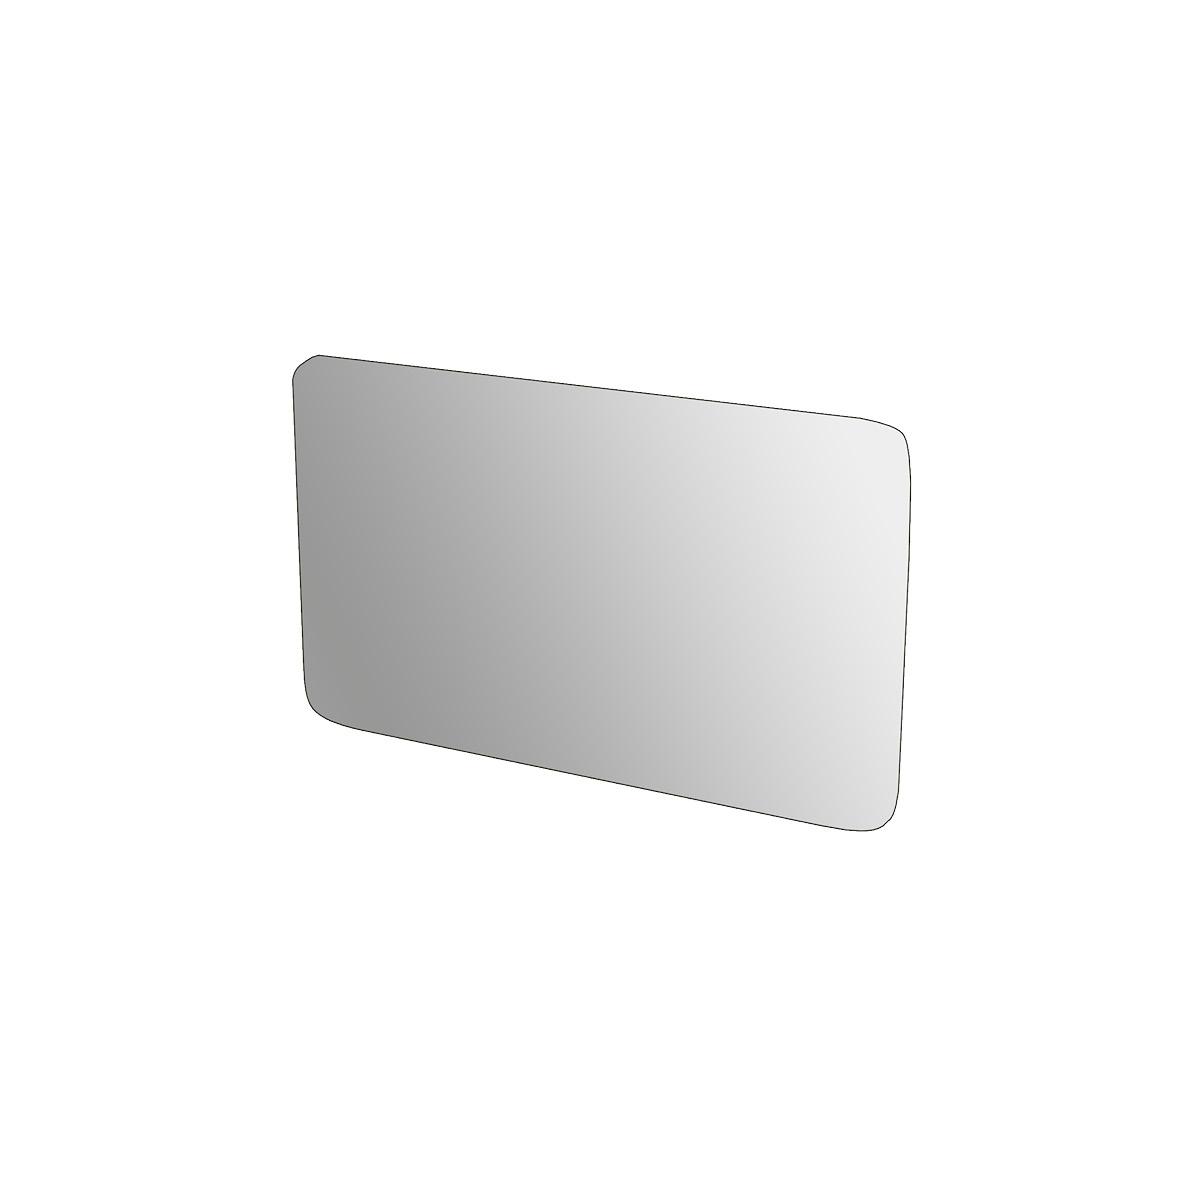 Spiegel 75 cm ungerahmt